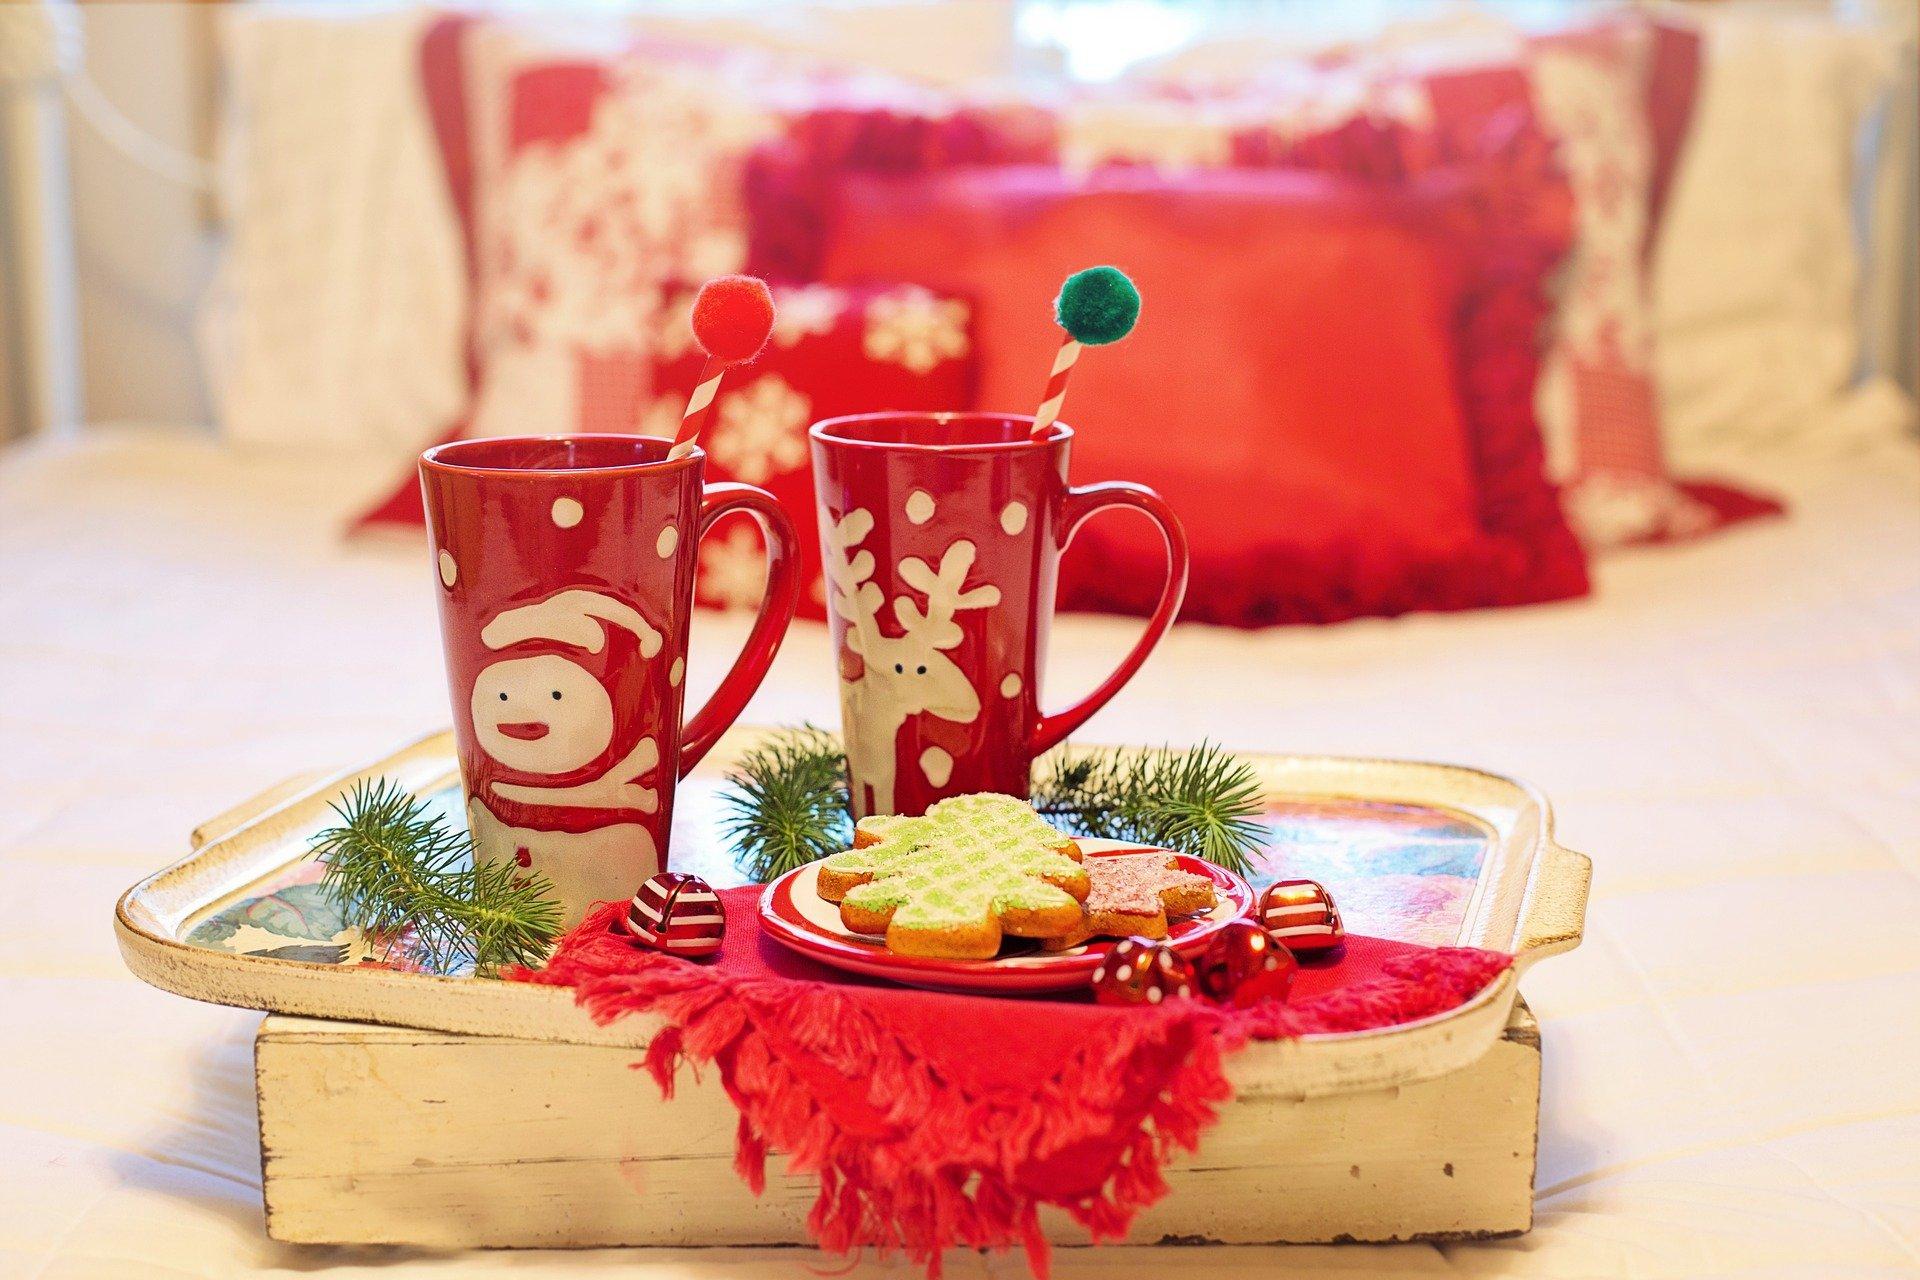 Weihnachtszeit ist Kuschelzeit